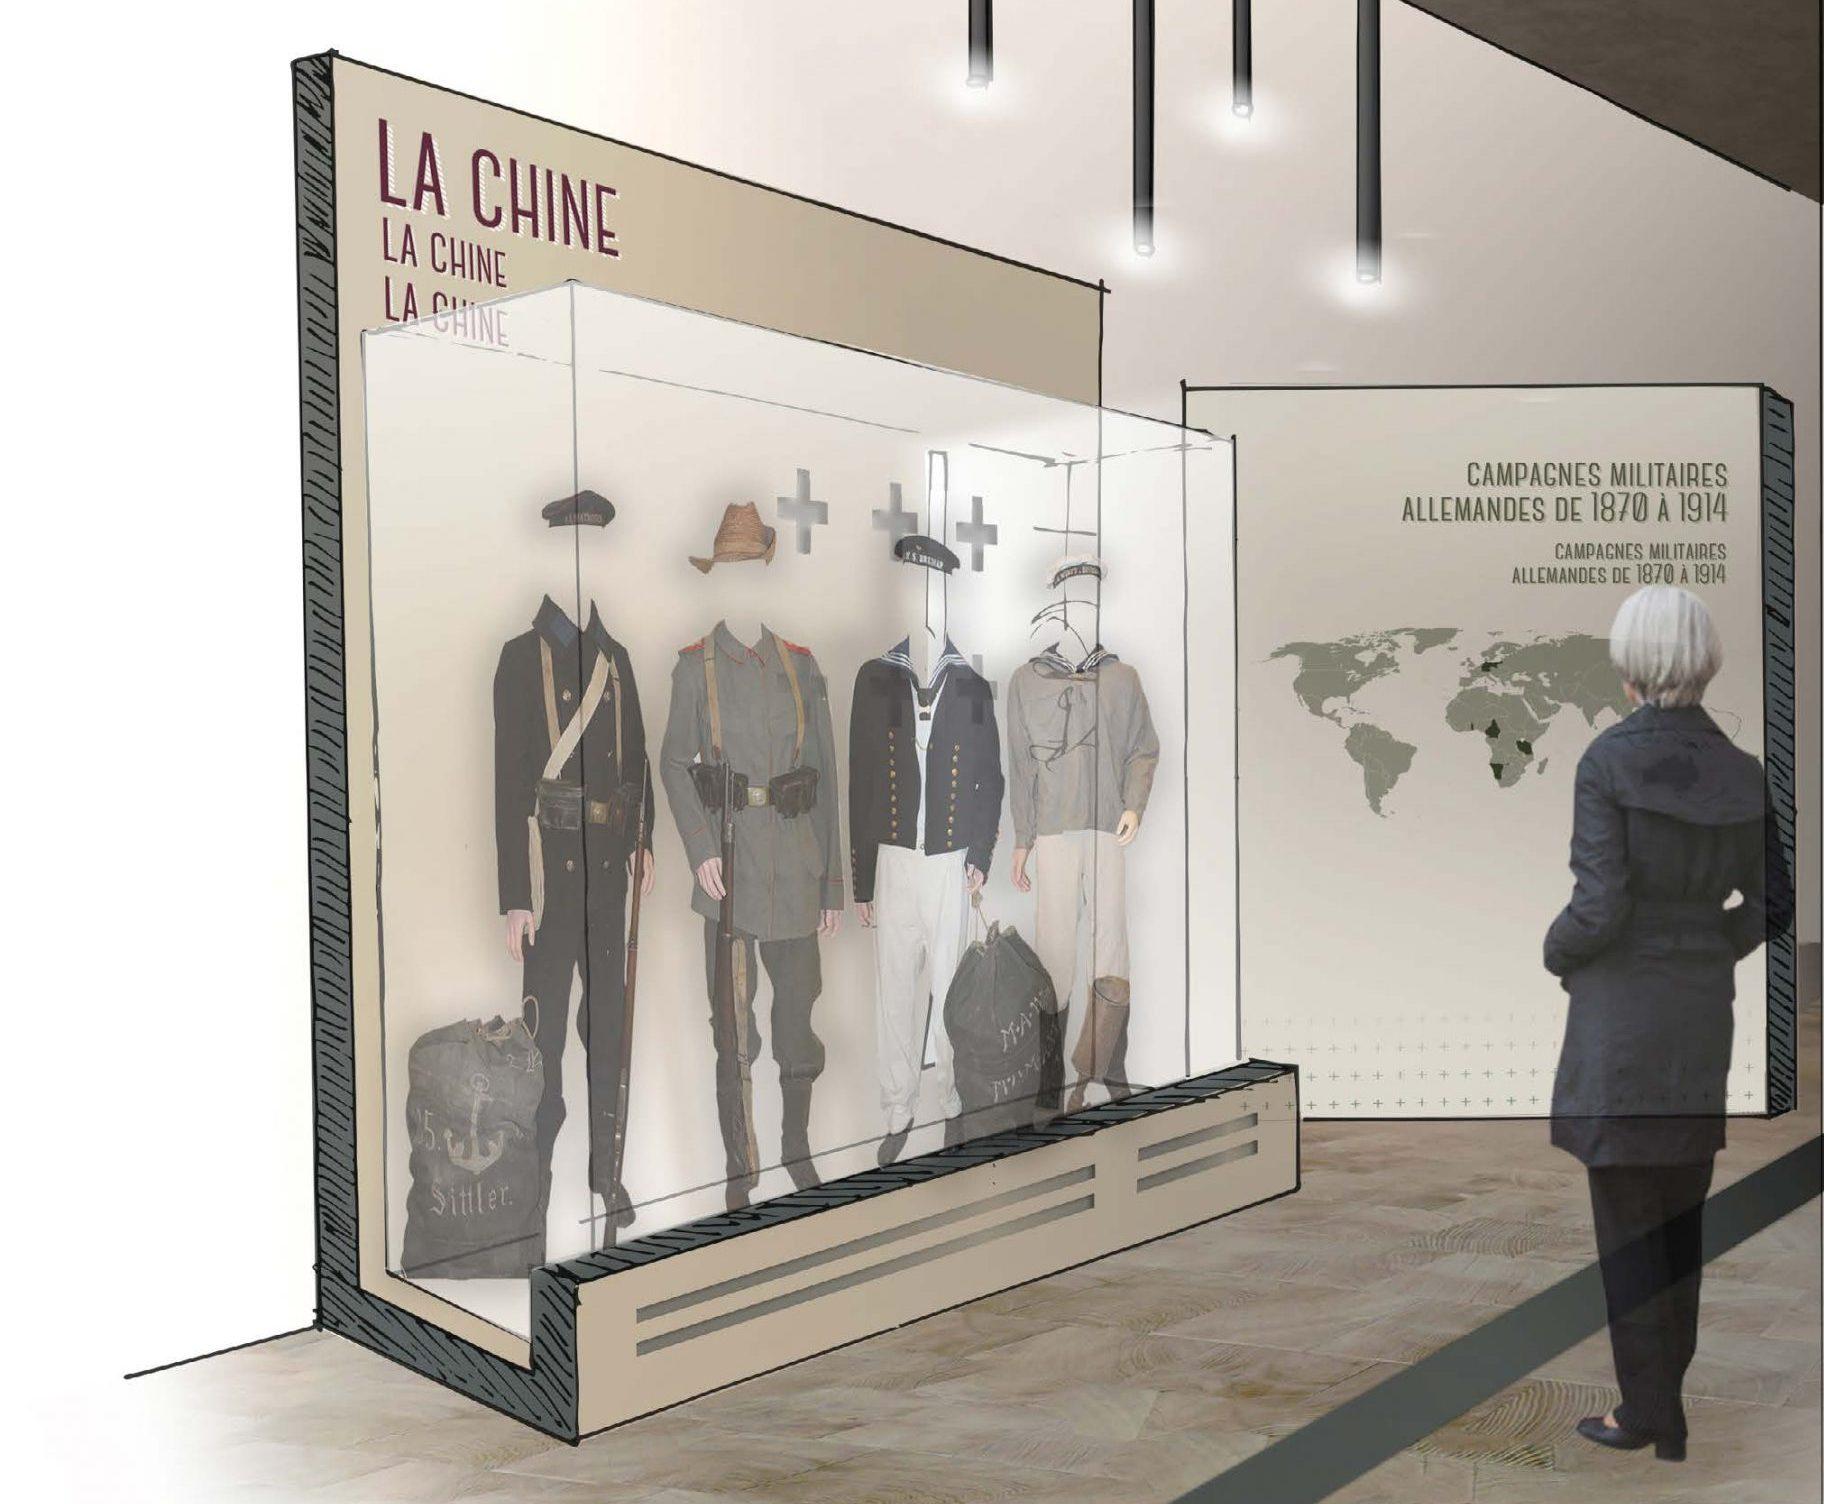 Scénographie de la Mémorial de Haute Alsace, Présentation des uniformes